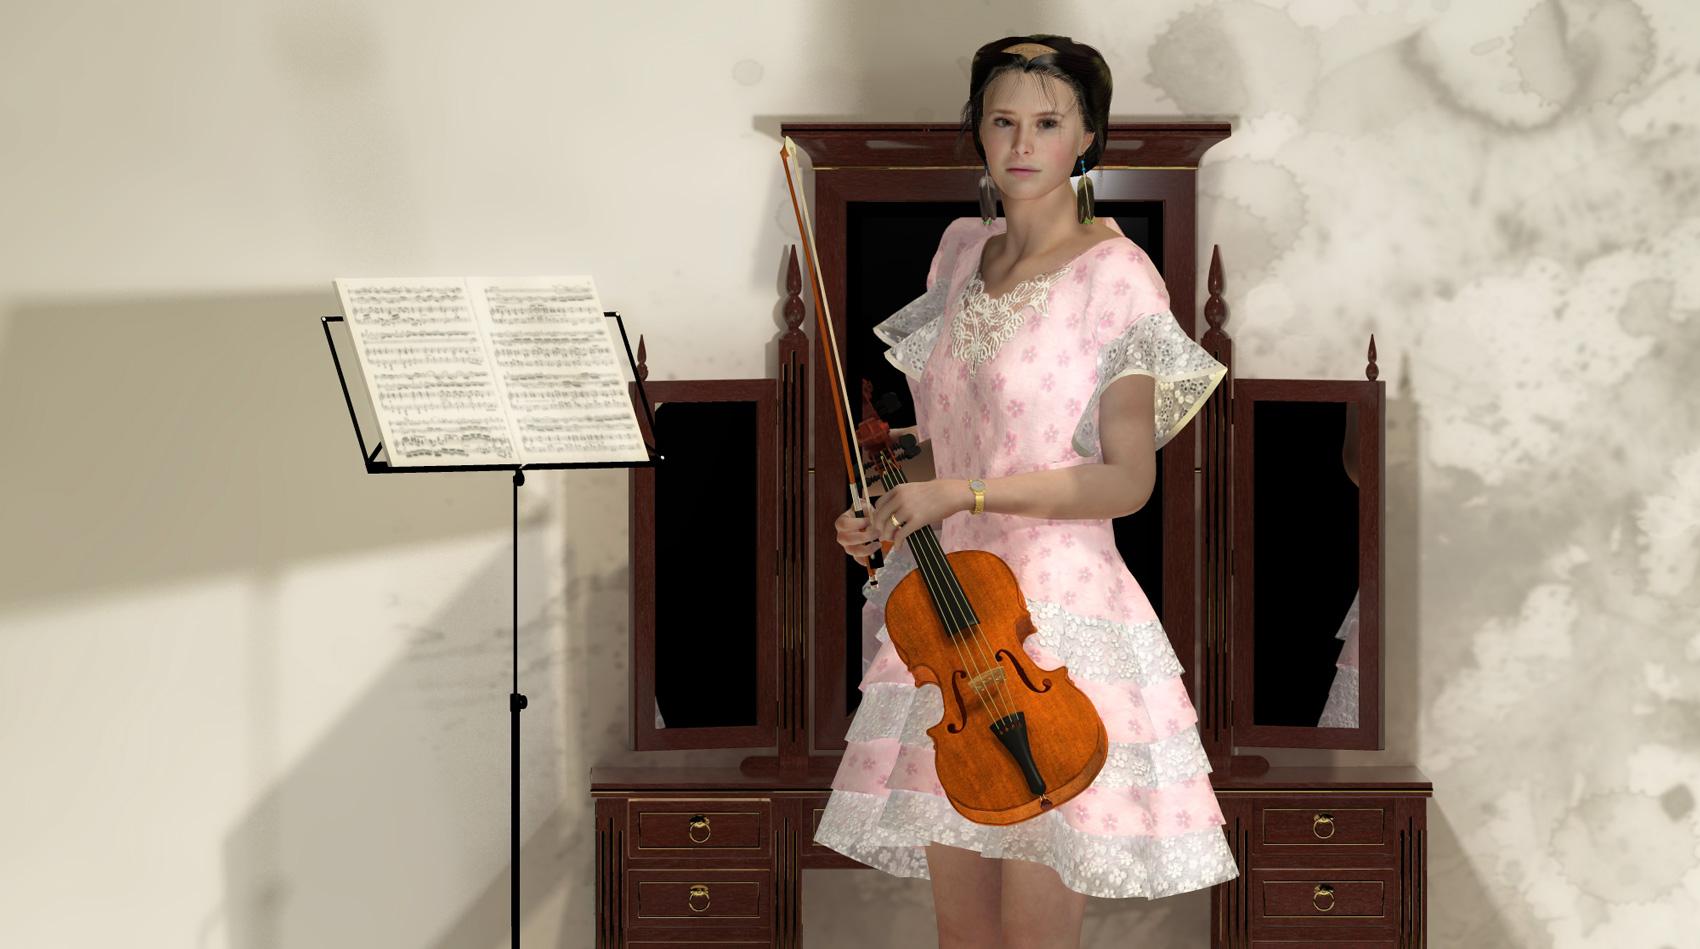 Artemisia mit Geige, Artemisia dell'Arte auf der Aachener Kunstroute 2017 in der Galerie Frutti dell'Arte und in der Aula Carolina